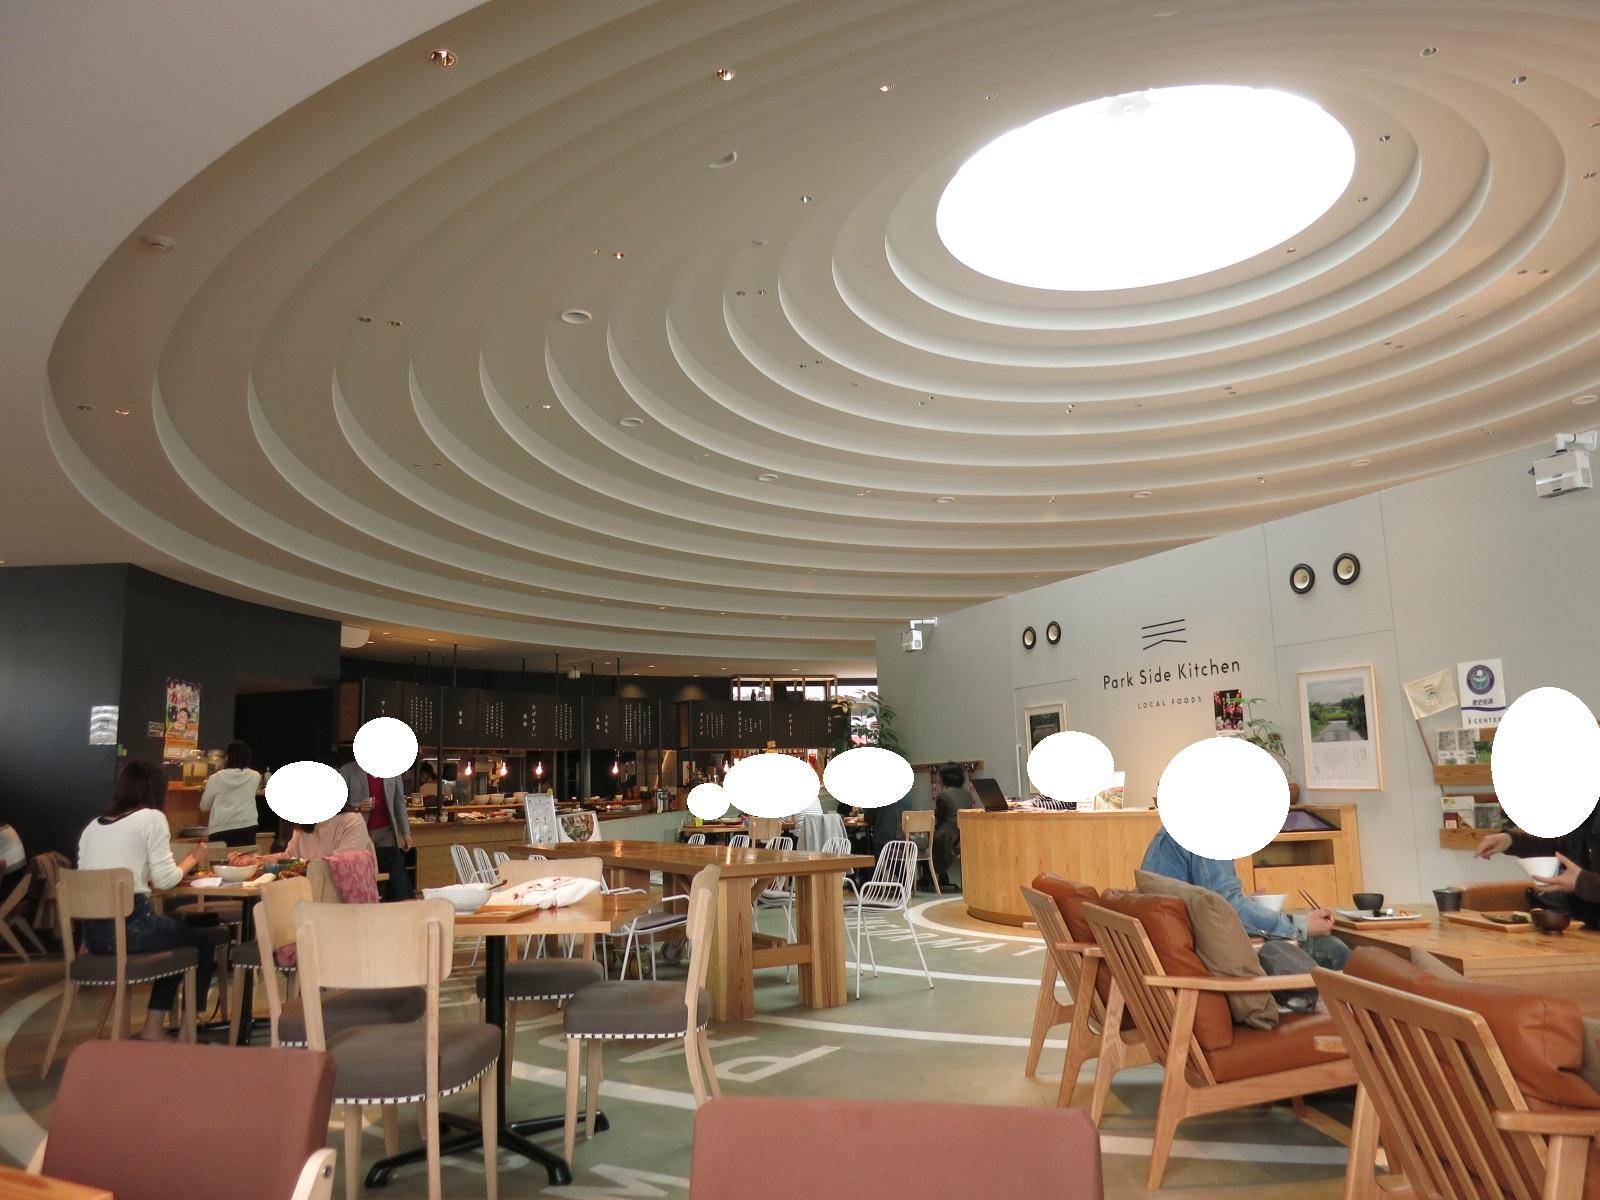 開放的な空間に個性的な天井、明るい店内が印象的でした。